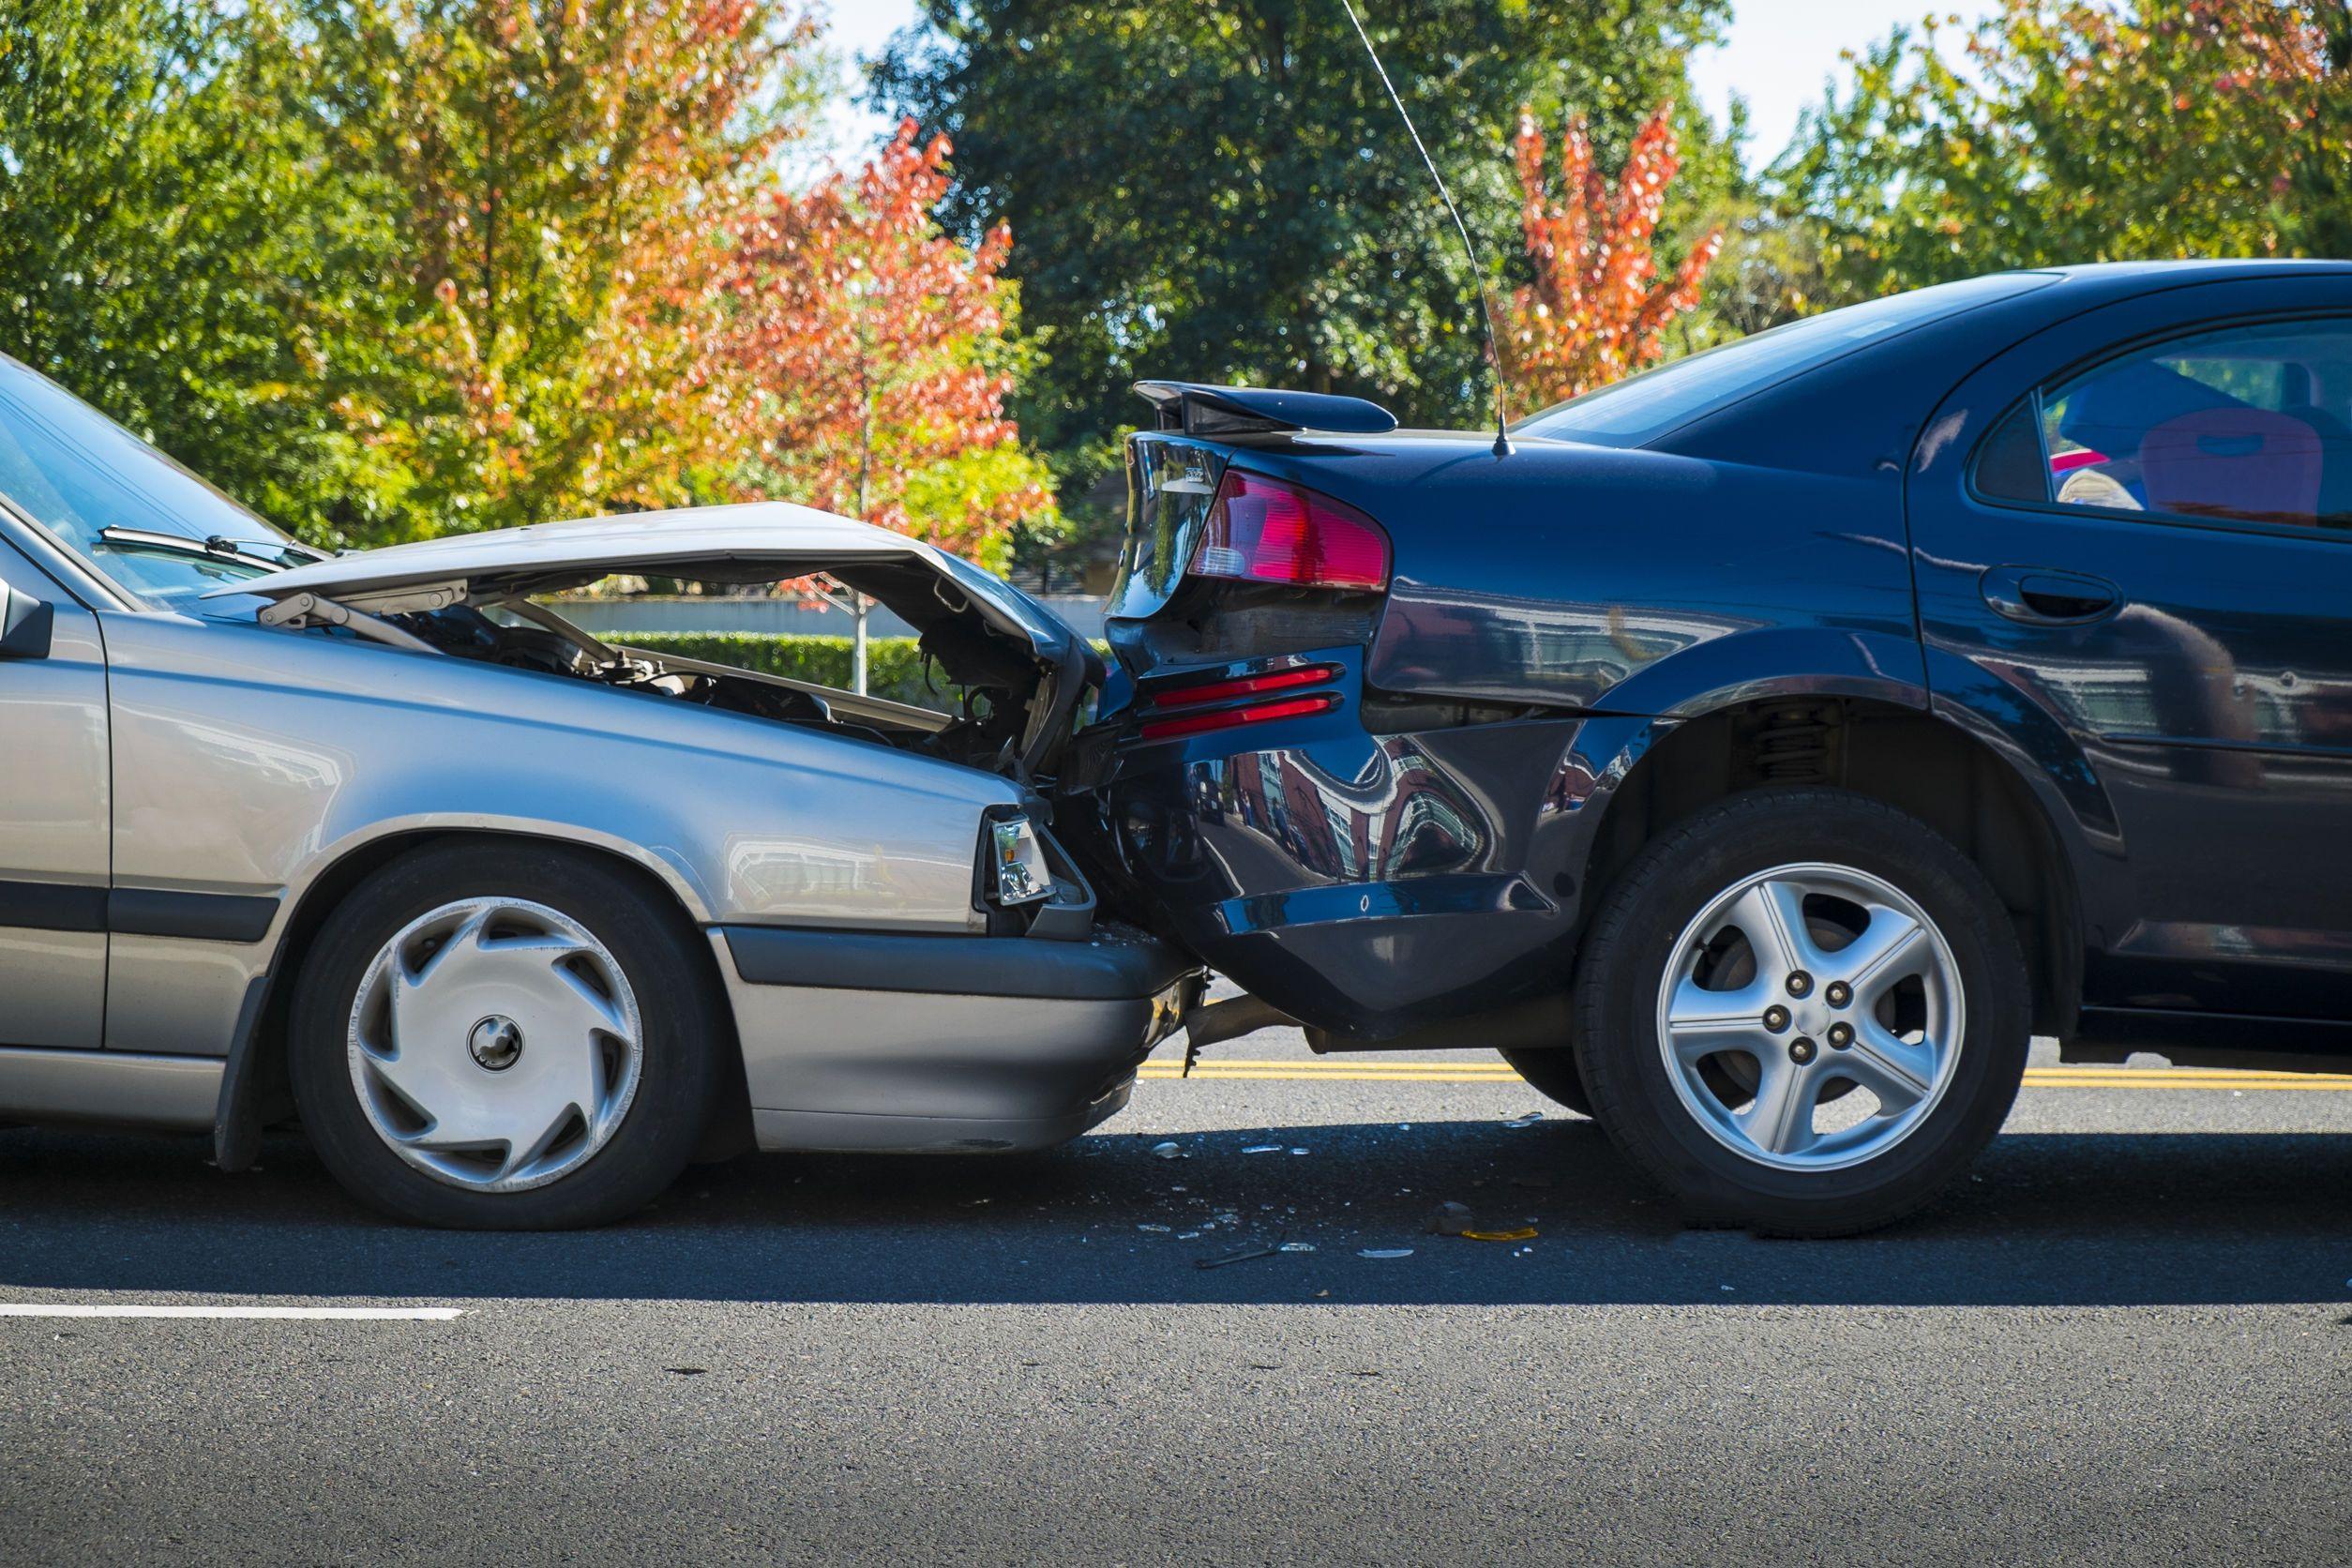 A ráfutásos autóbalesetben a hátulról érkező autó összetolja a kocsisort.